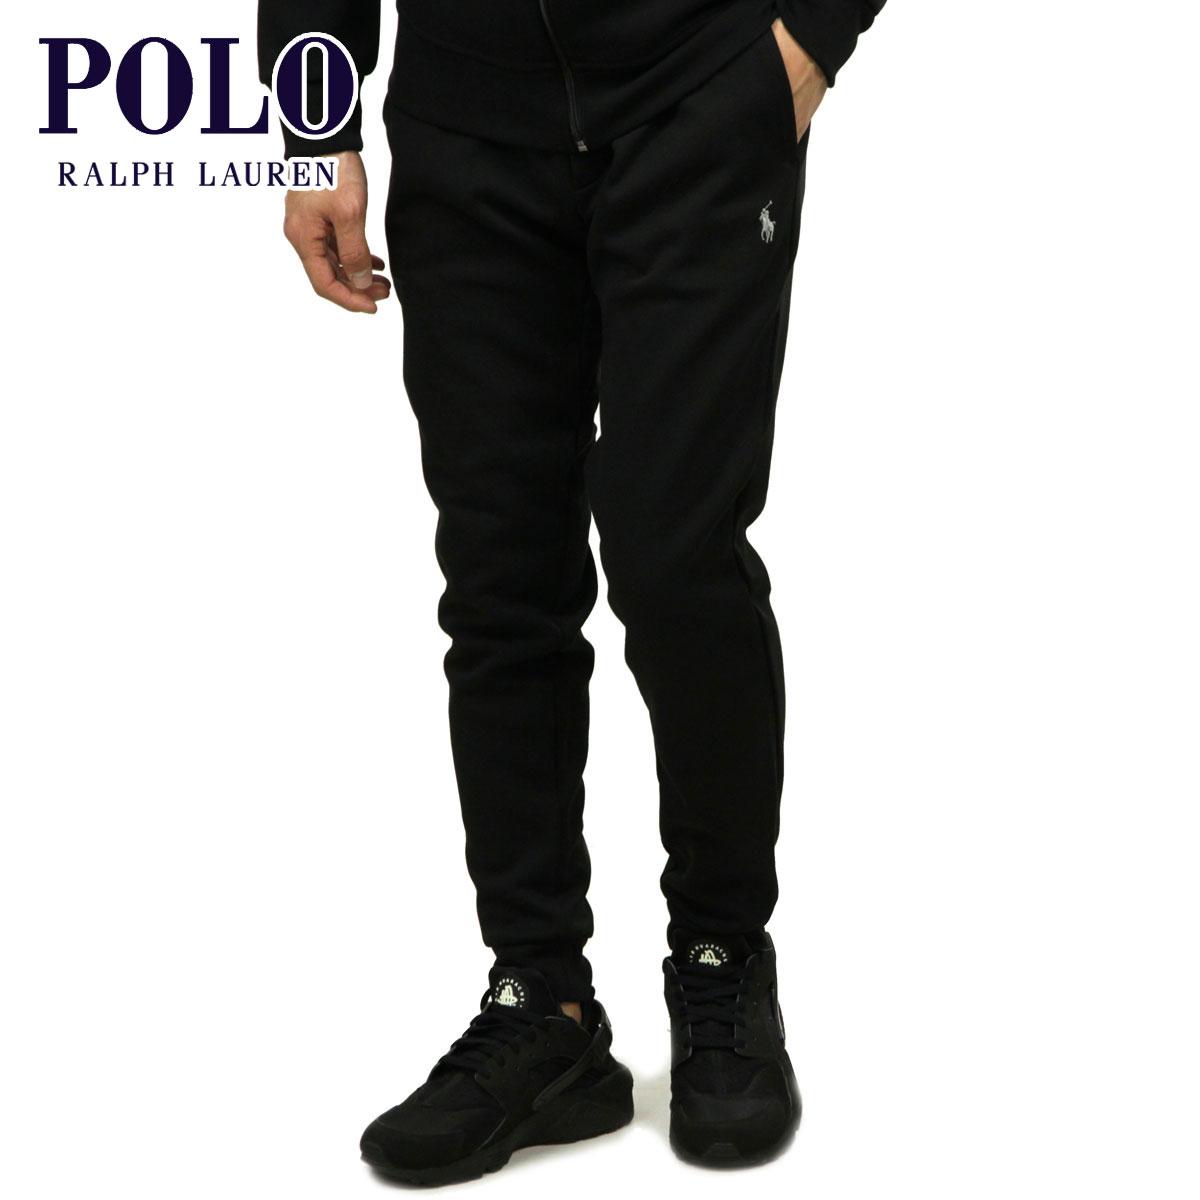 ポロ ラルフローレン POLO RALPH LAUREN 正規品 メンズ スウェットジョガーパンツ DOUBLE-KNIT JOGGER PANTS